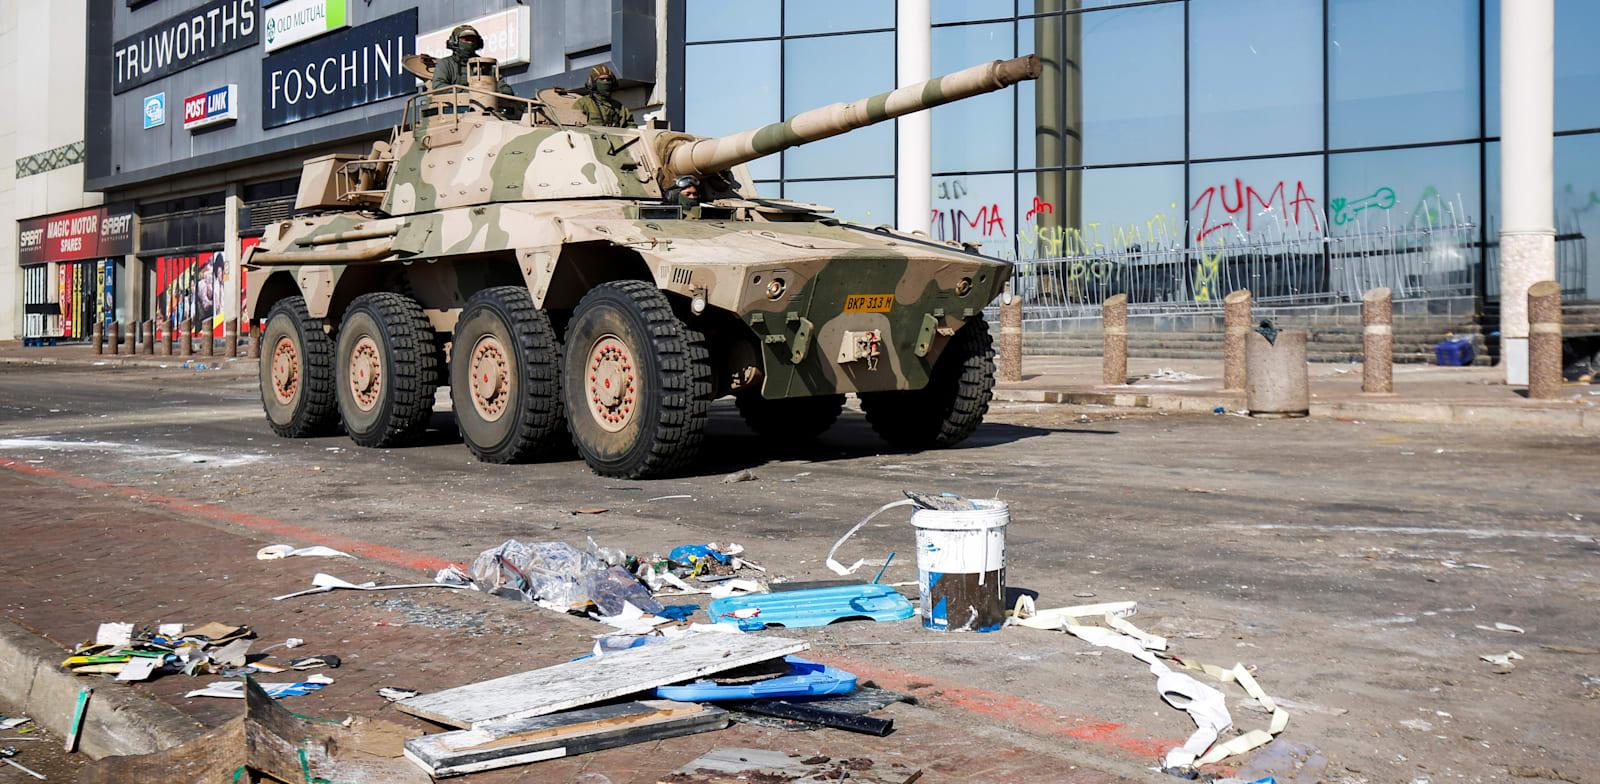 טנק של צבא דרום אפריקה מסייר ליד קניון וחנויות שנבזזו / צילום: Reuters